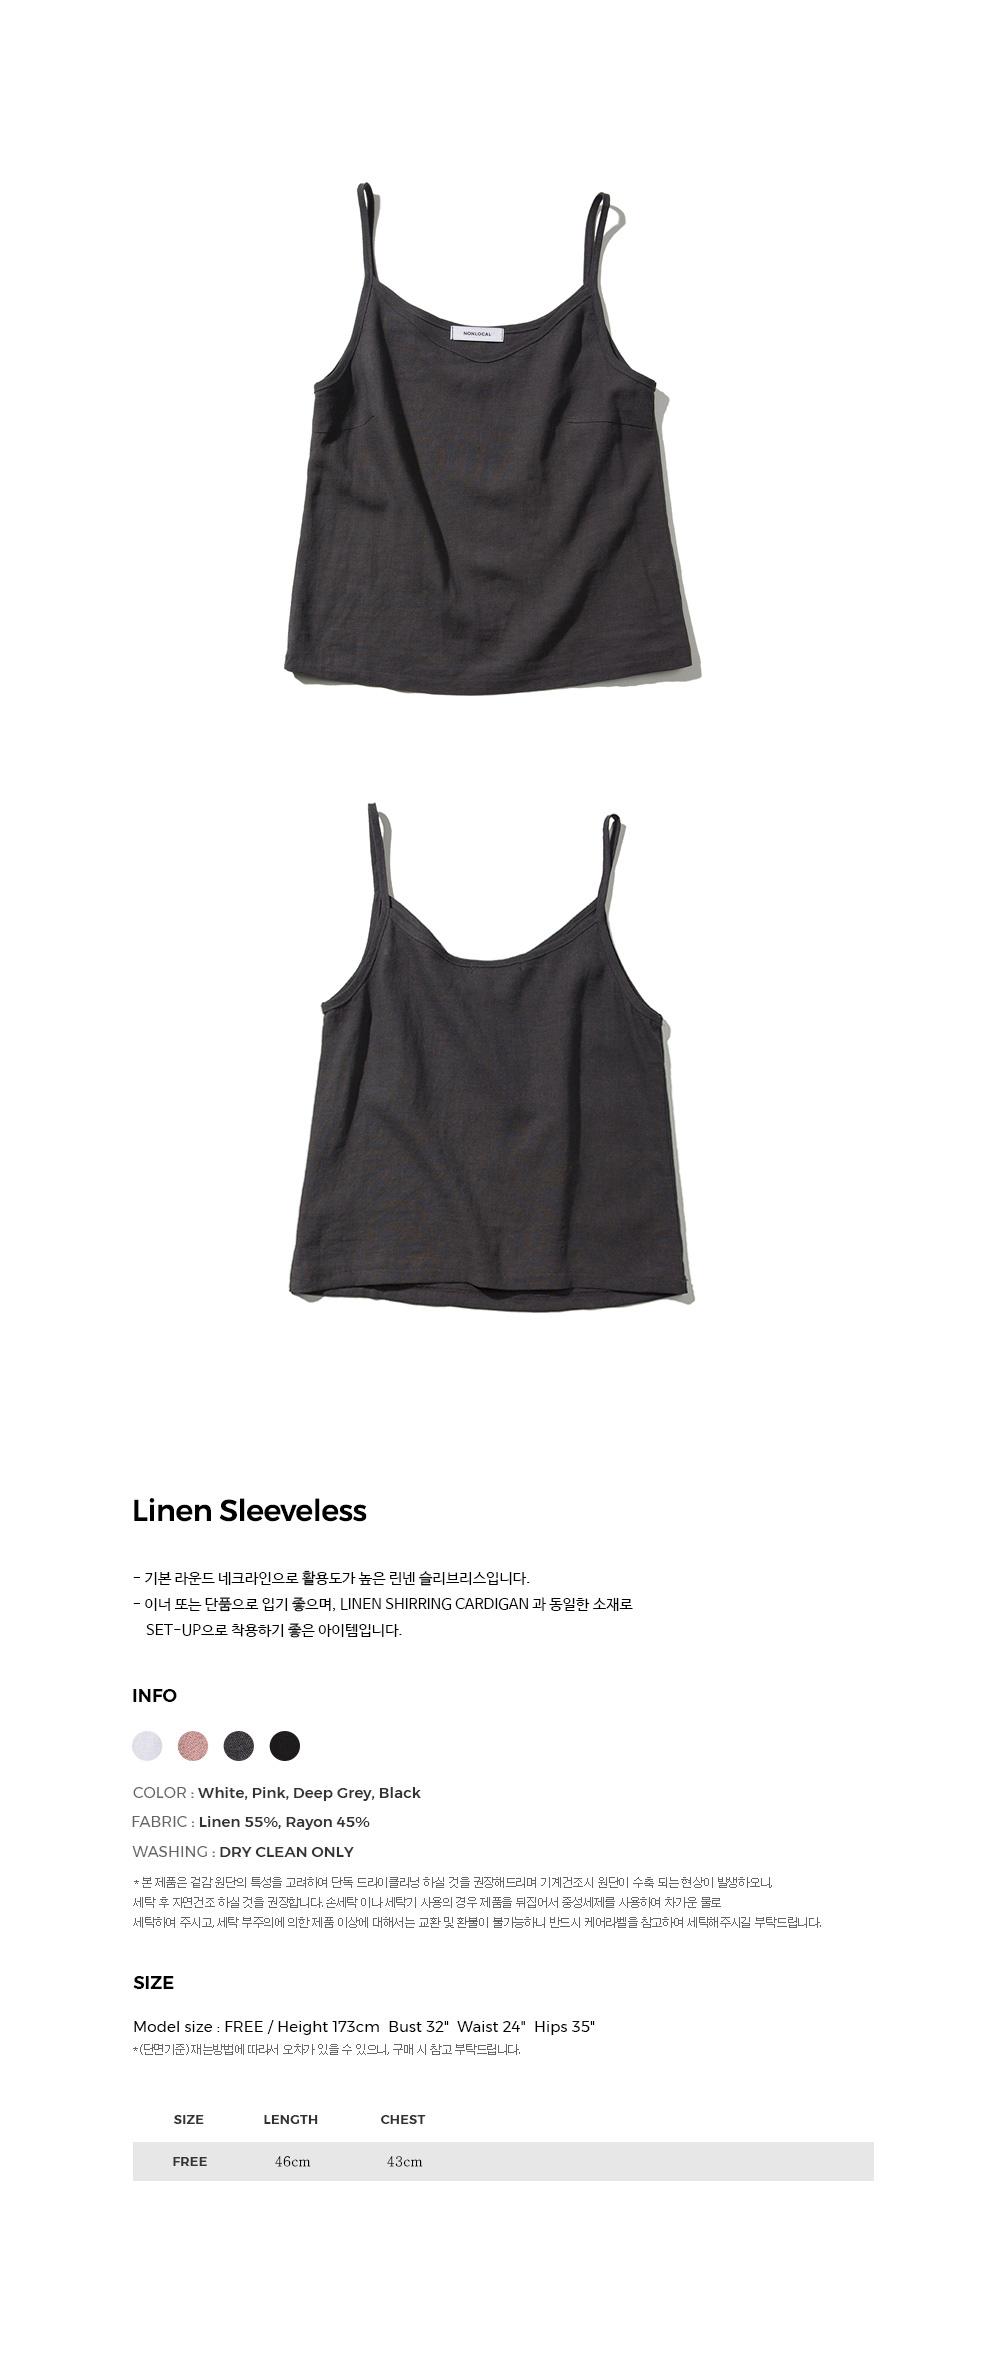 논로컬(NONLOCAL) [4th Re-stock] Linen Sleeveless - Deep Grey